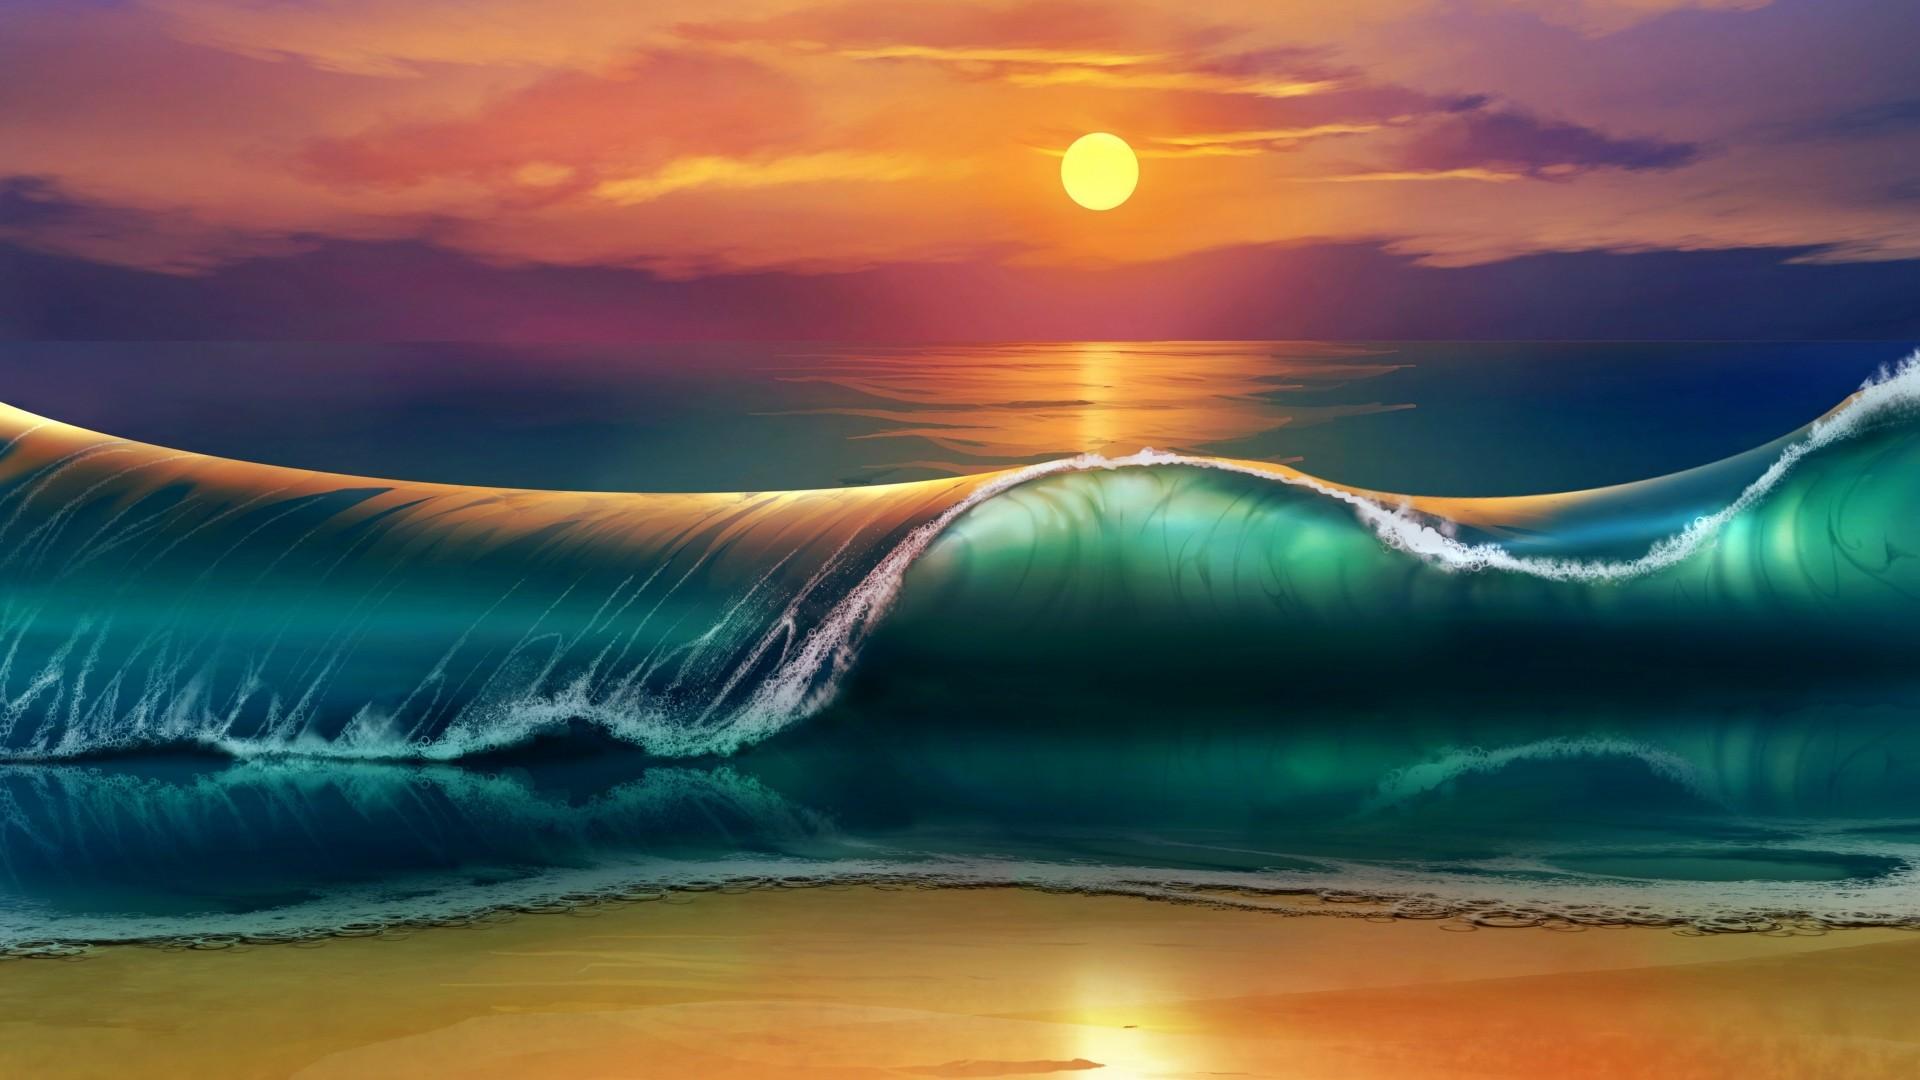 Wallpaper art, sunset, beach, sea, waves